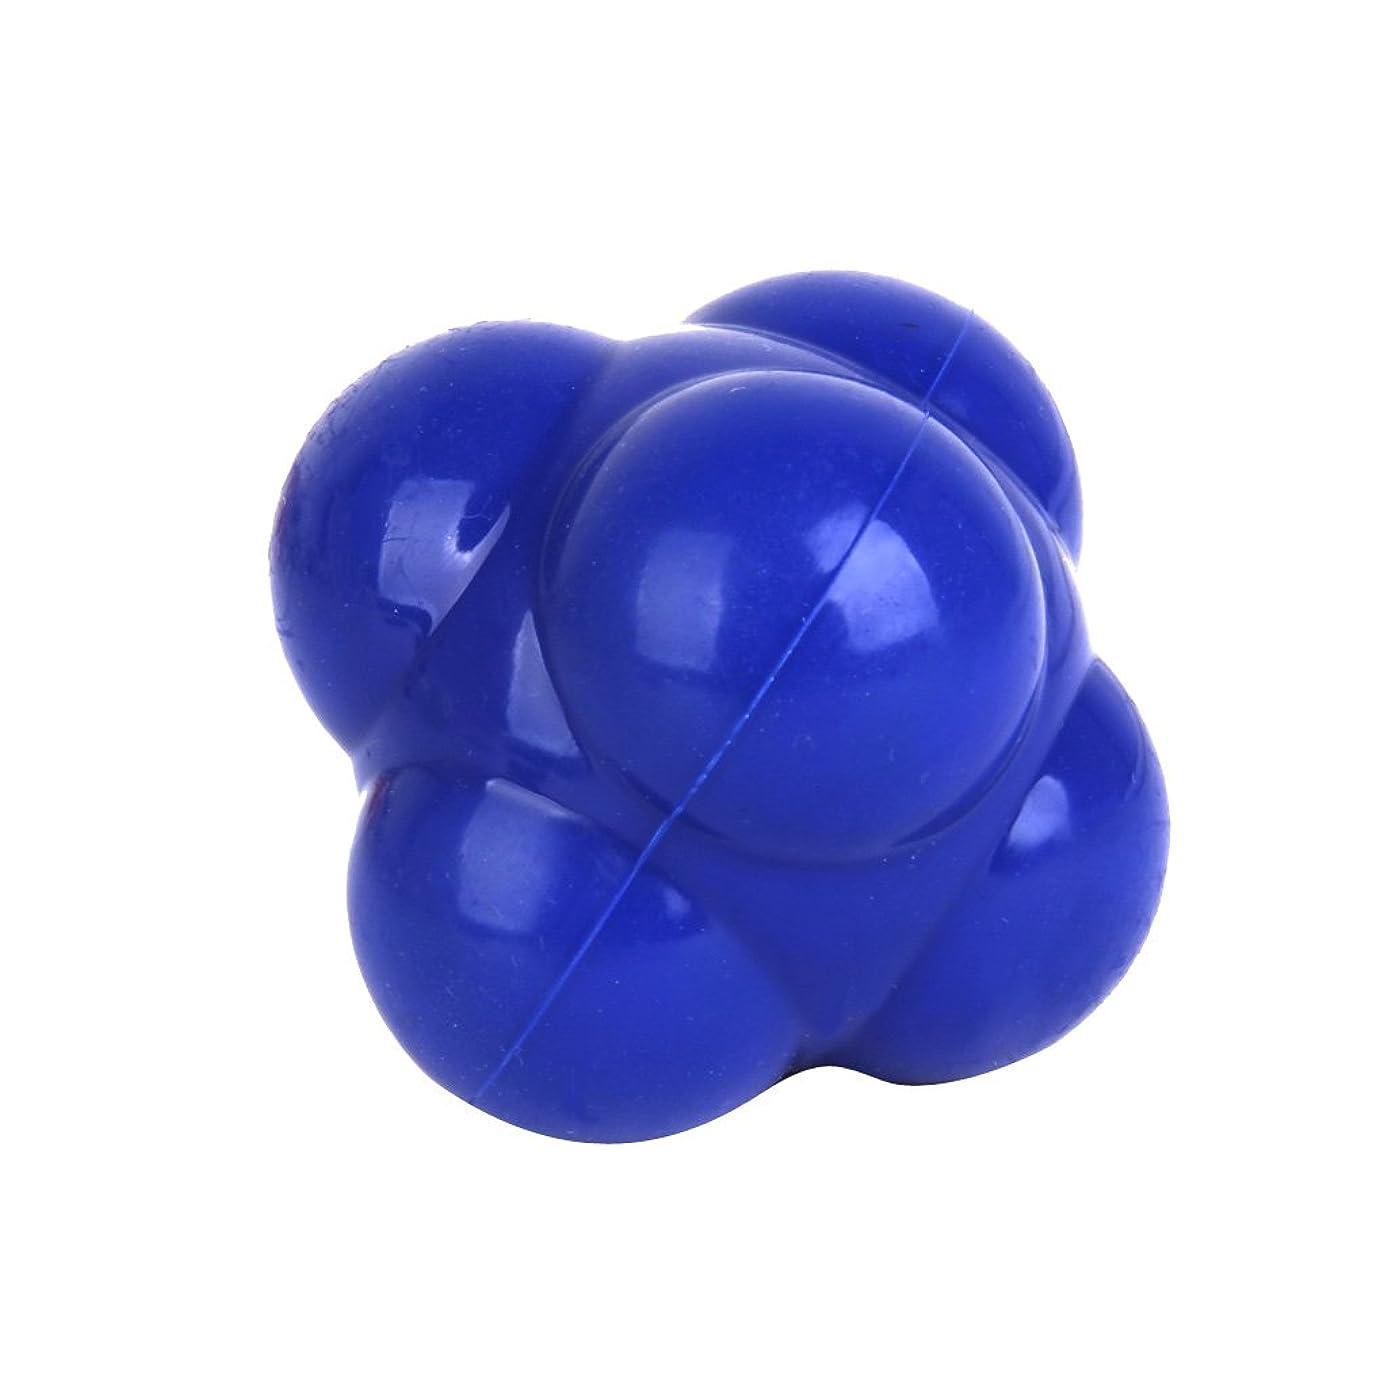 蛾いらいらさせるチョップ【ノーブランド品】六角反応ボール 六角マッサージボール 反射運動トレーニング 青